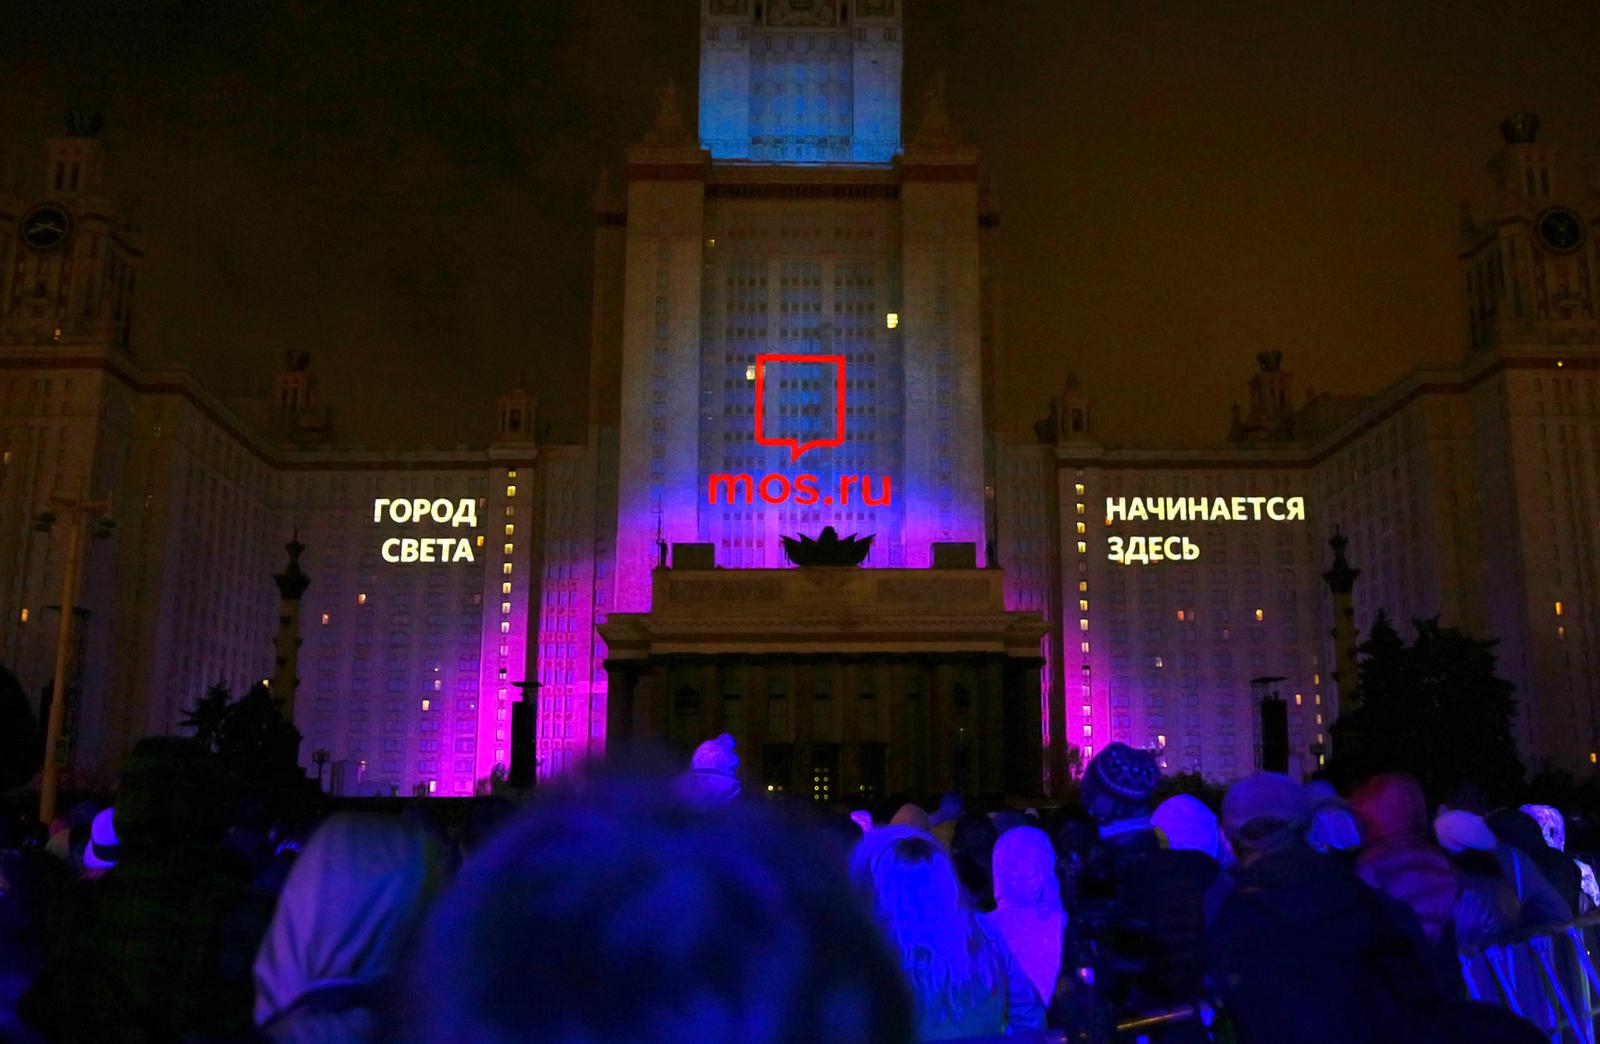 Circle of Light Festival: Kolomenskoye